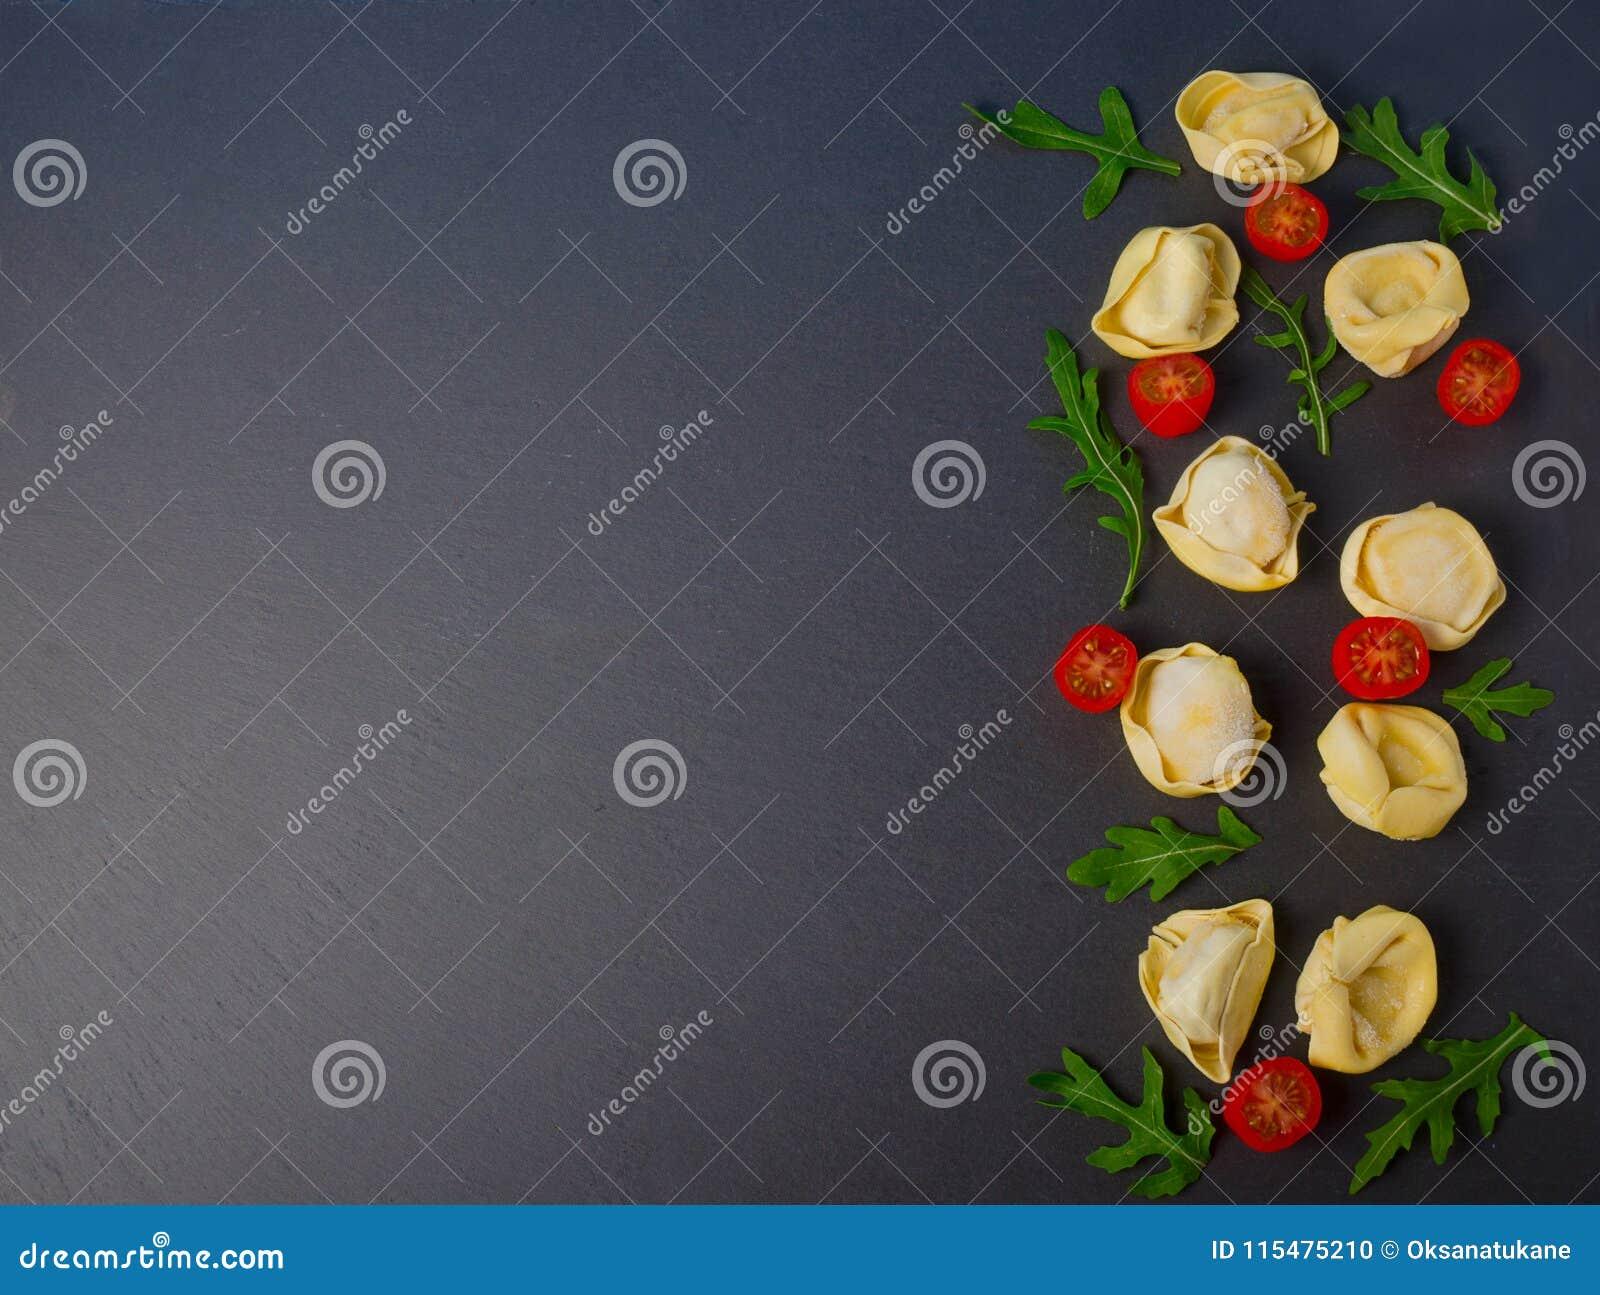 Tortellini congelado no fundo preto Tortellini italiano com as folhas e os tomates frescos da ricota em uma placa de pedra preta